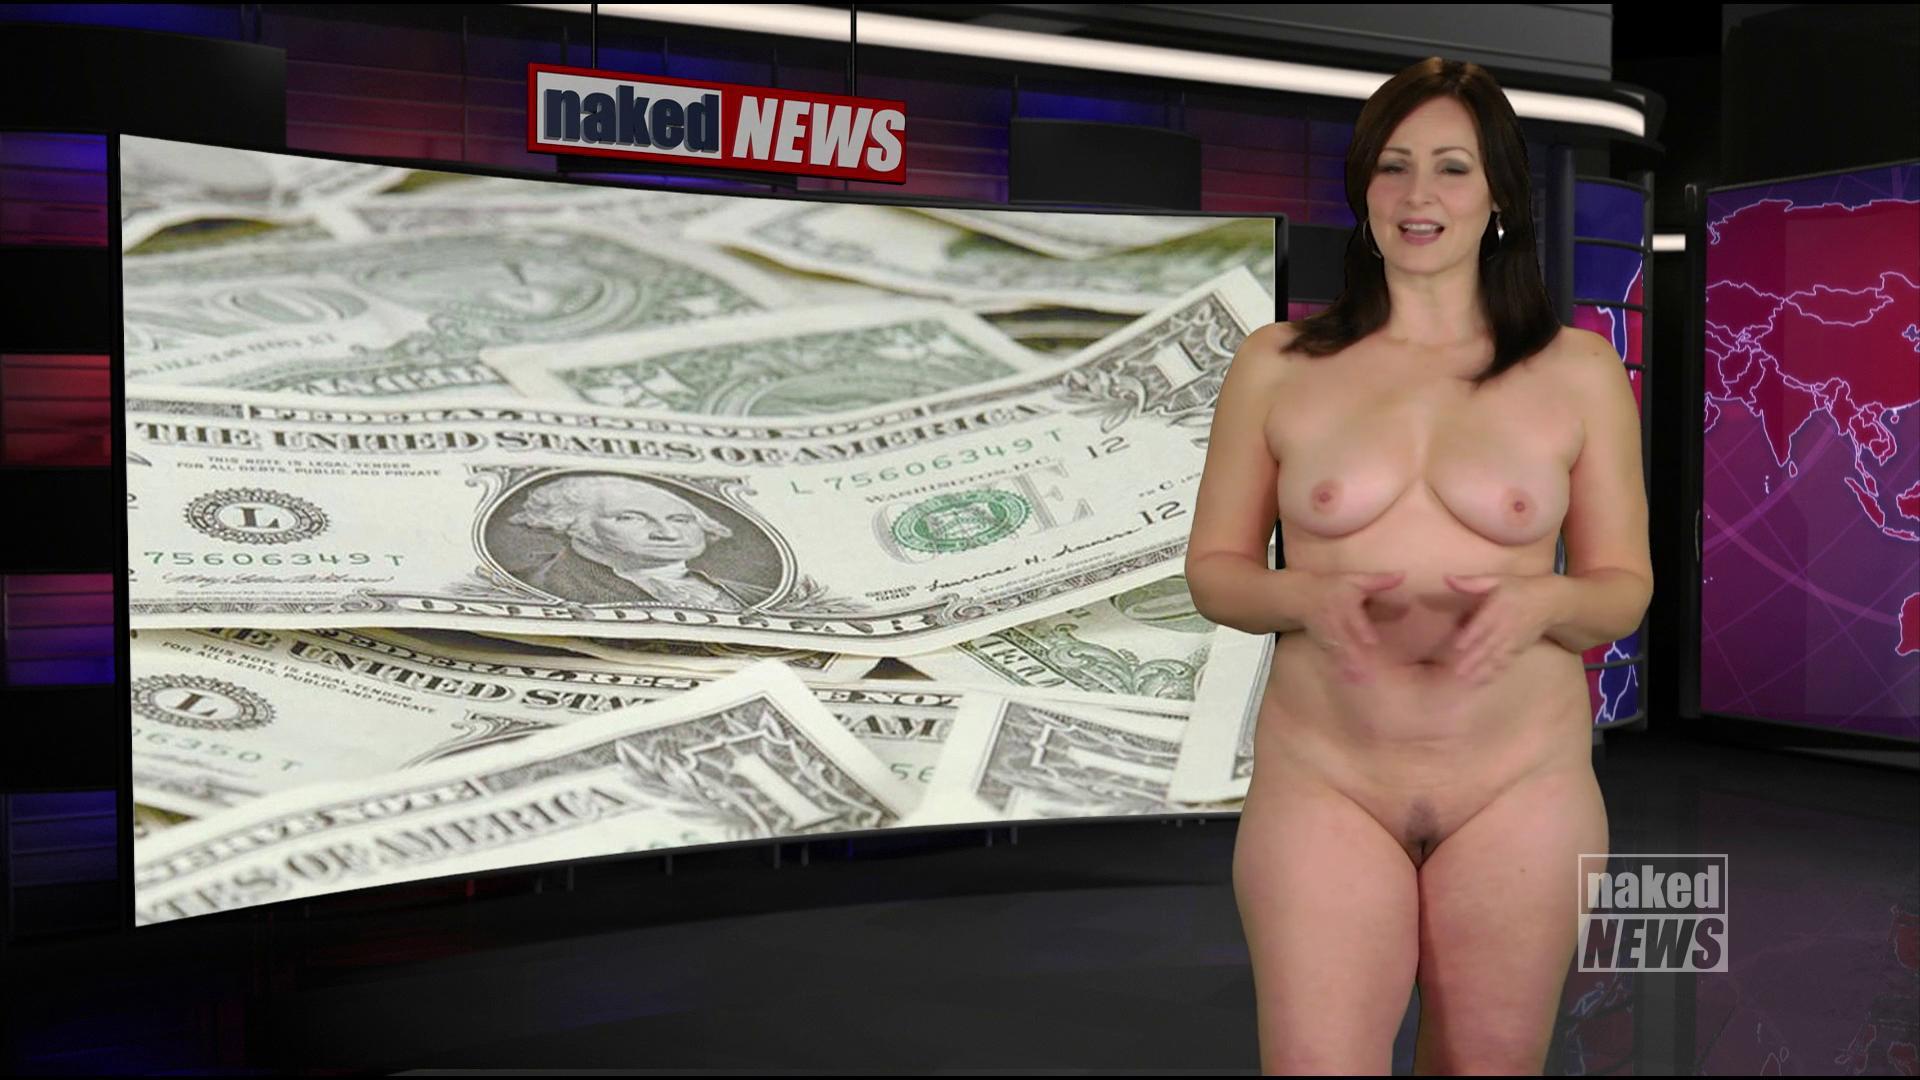 Victoria sinclair nude video, slave slut abuser pantyhose yoyo house